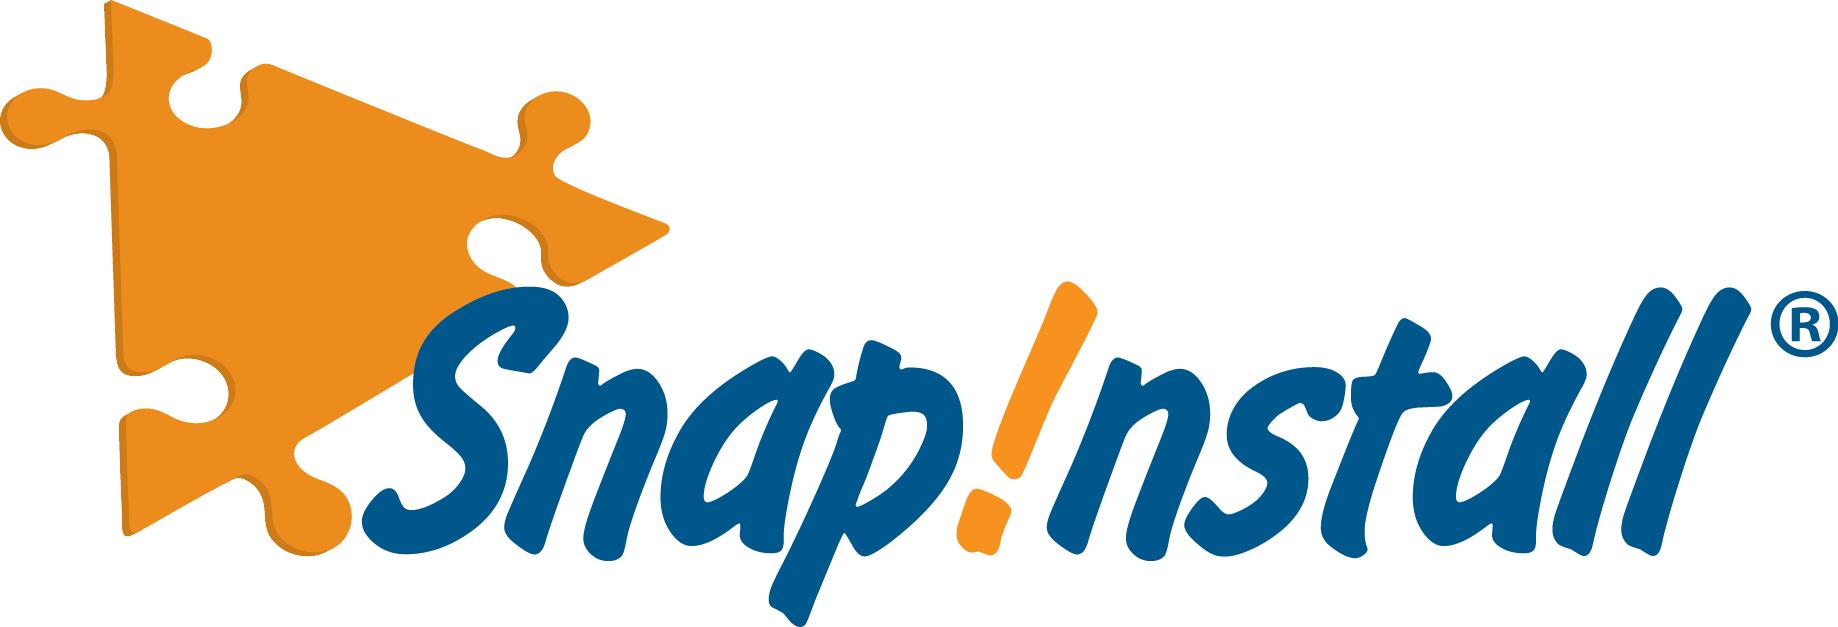 Snap Install, Inc. Company Logo